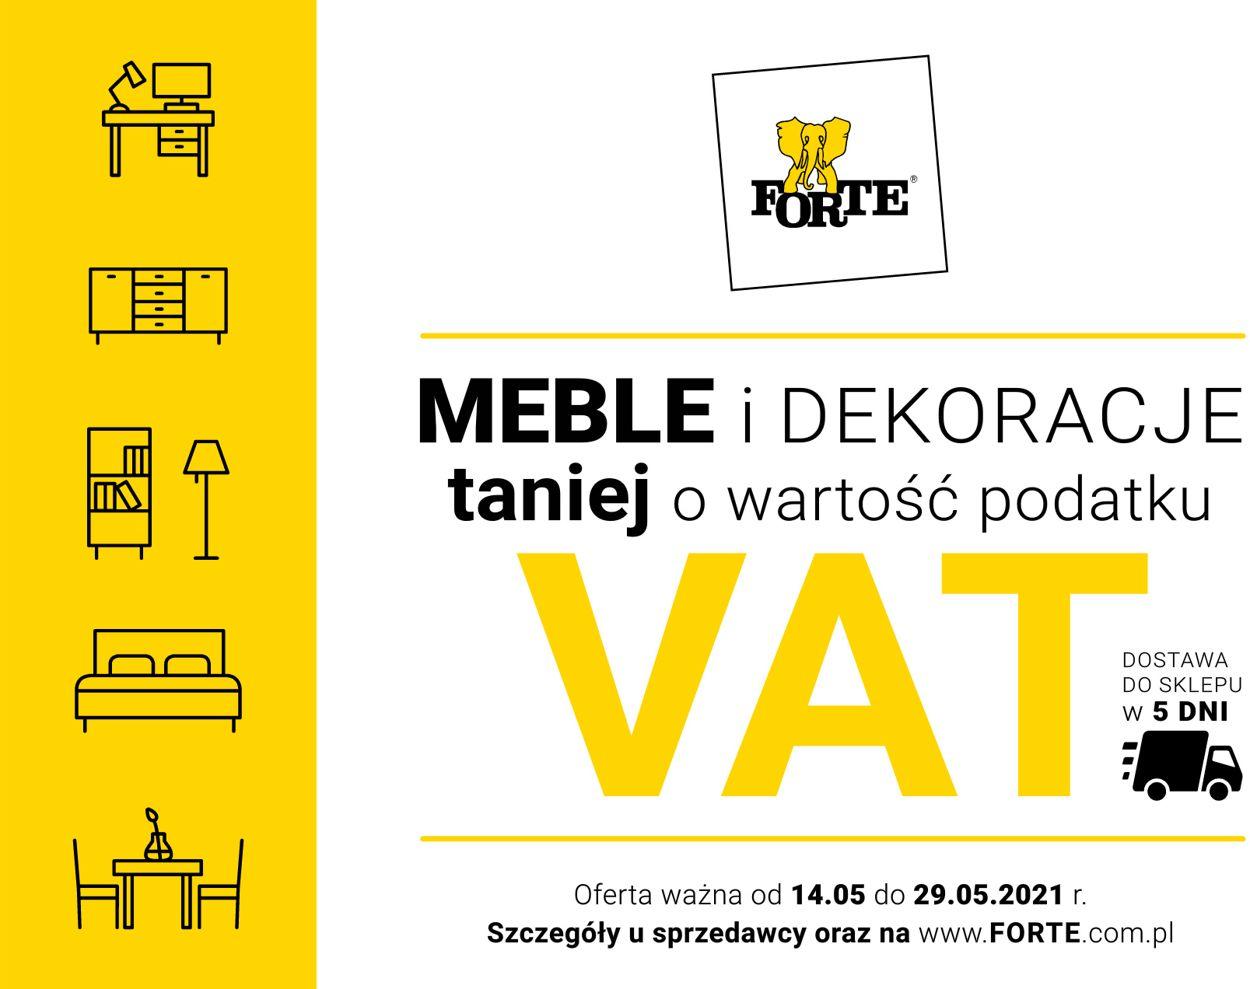 Gazetka promocyjna Forte - 14.05-29.05.2021